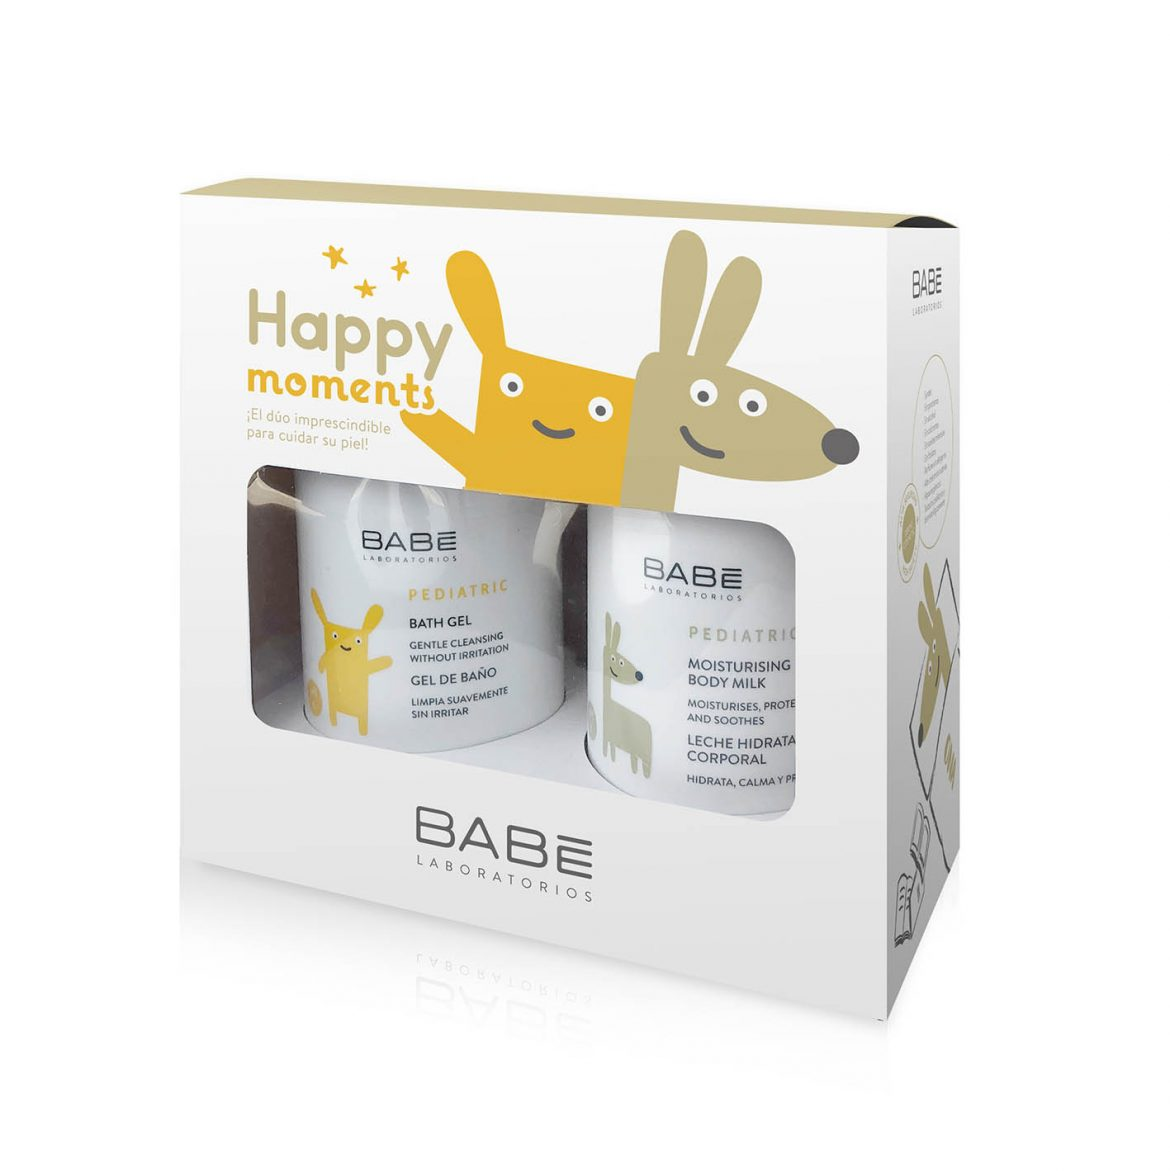 HAPPY MOMENTS de BABÉ, el pack pediátrico para cuidar la piel de los niños